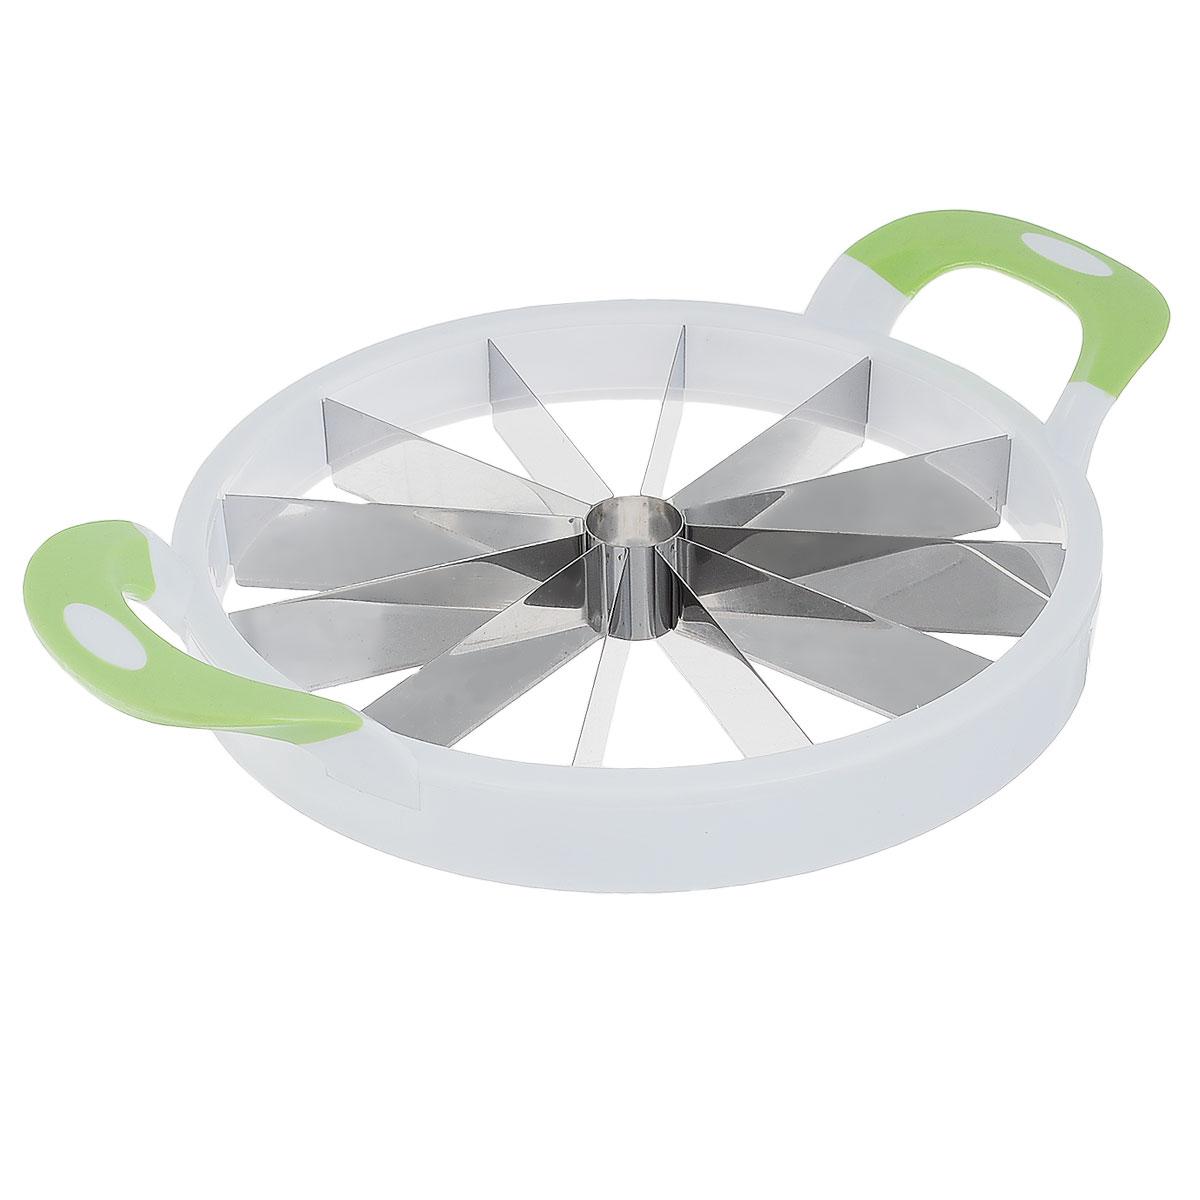 Мультирезка Bradex ДолькаTK 0123Идеальные кусочки за 12 секунд - реальность с мультирезкой Bradex Долька. Одного простого движения достаточно, чтобы разрезать арбуз на аппетитные, ровные дольки. Острые ножи из нержавеющей стали одинаково аккуратно режут как фрукты и овощи, так и выпечку. Легким прибором можно нарезать не только крупные продукты. Мультирезка спроектирована таким образом, чтобы дыню можно было нарезать также просто, как и яблоко. С Долькой можно не боятся порезов.